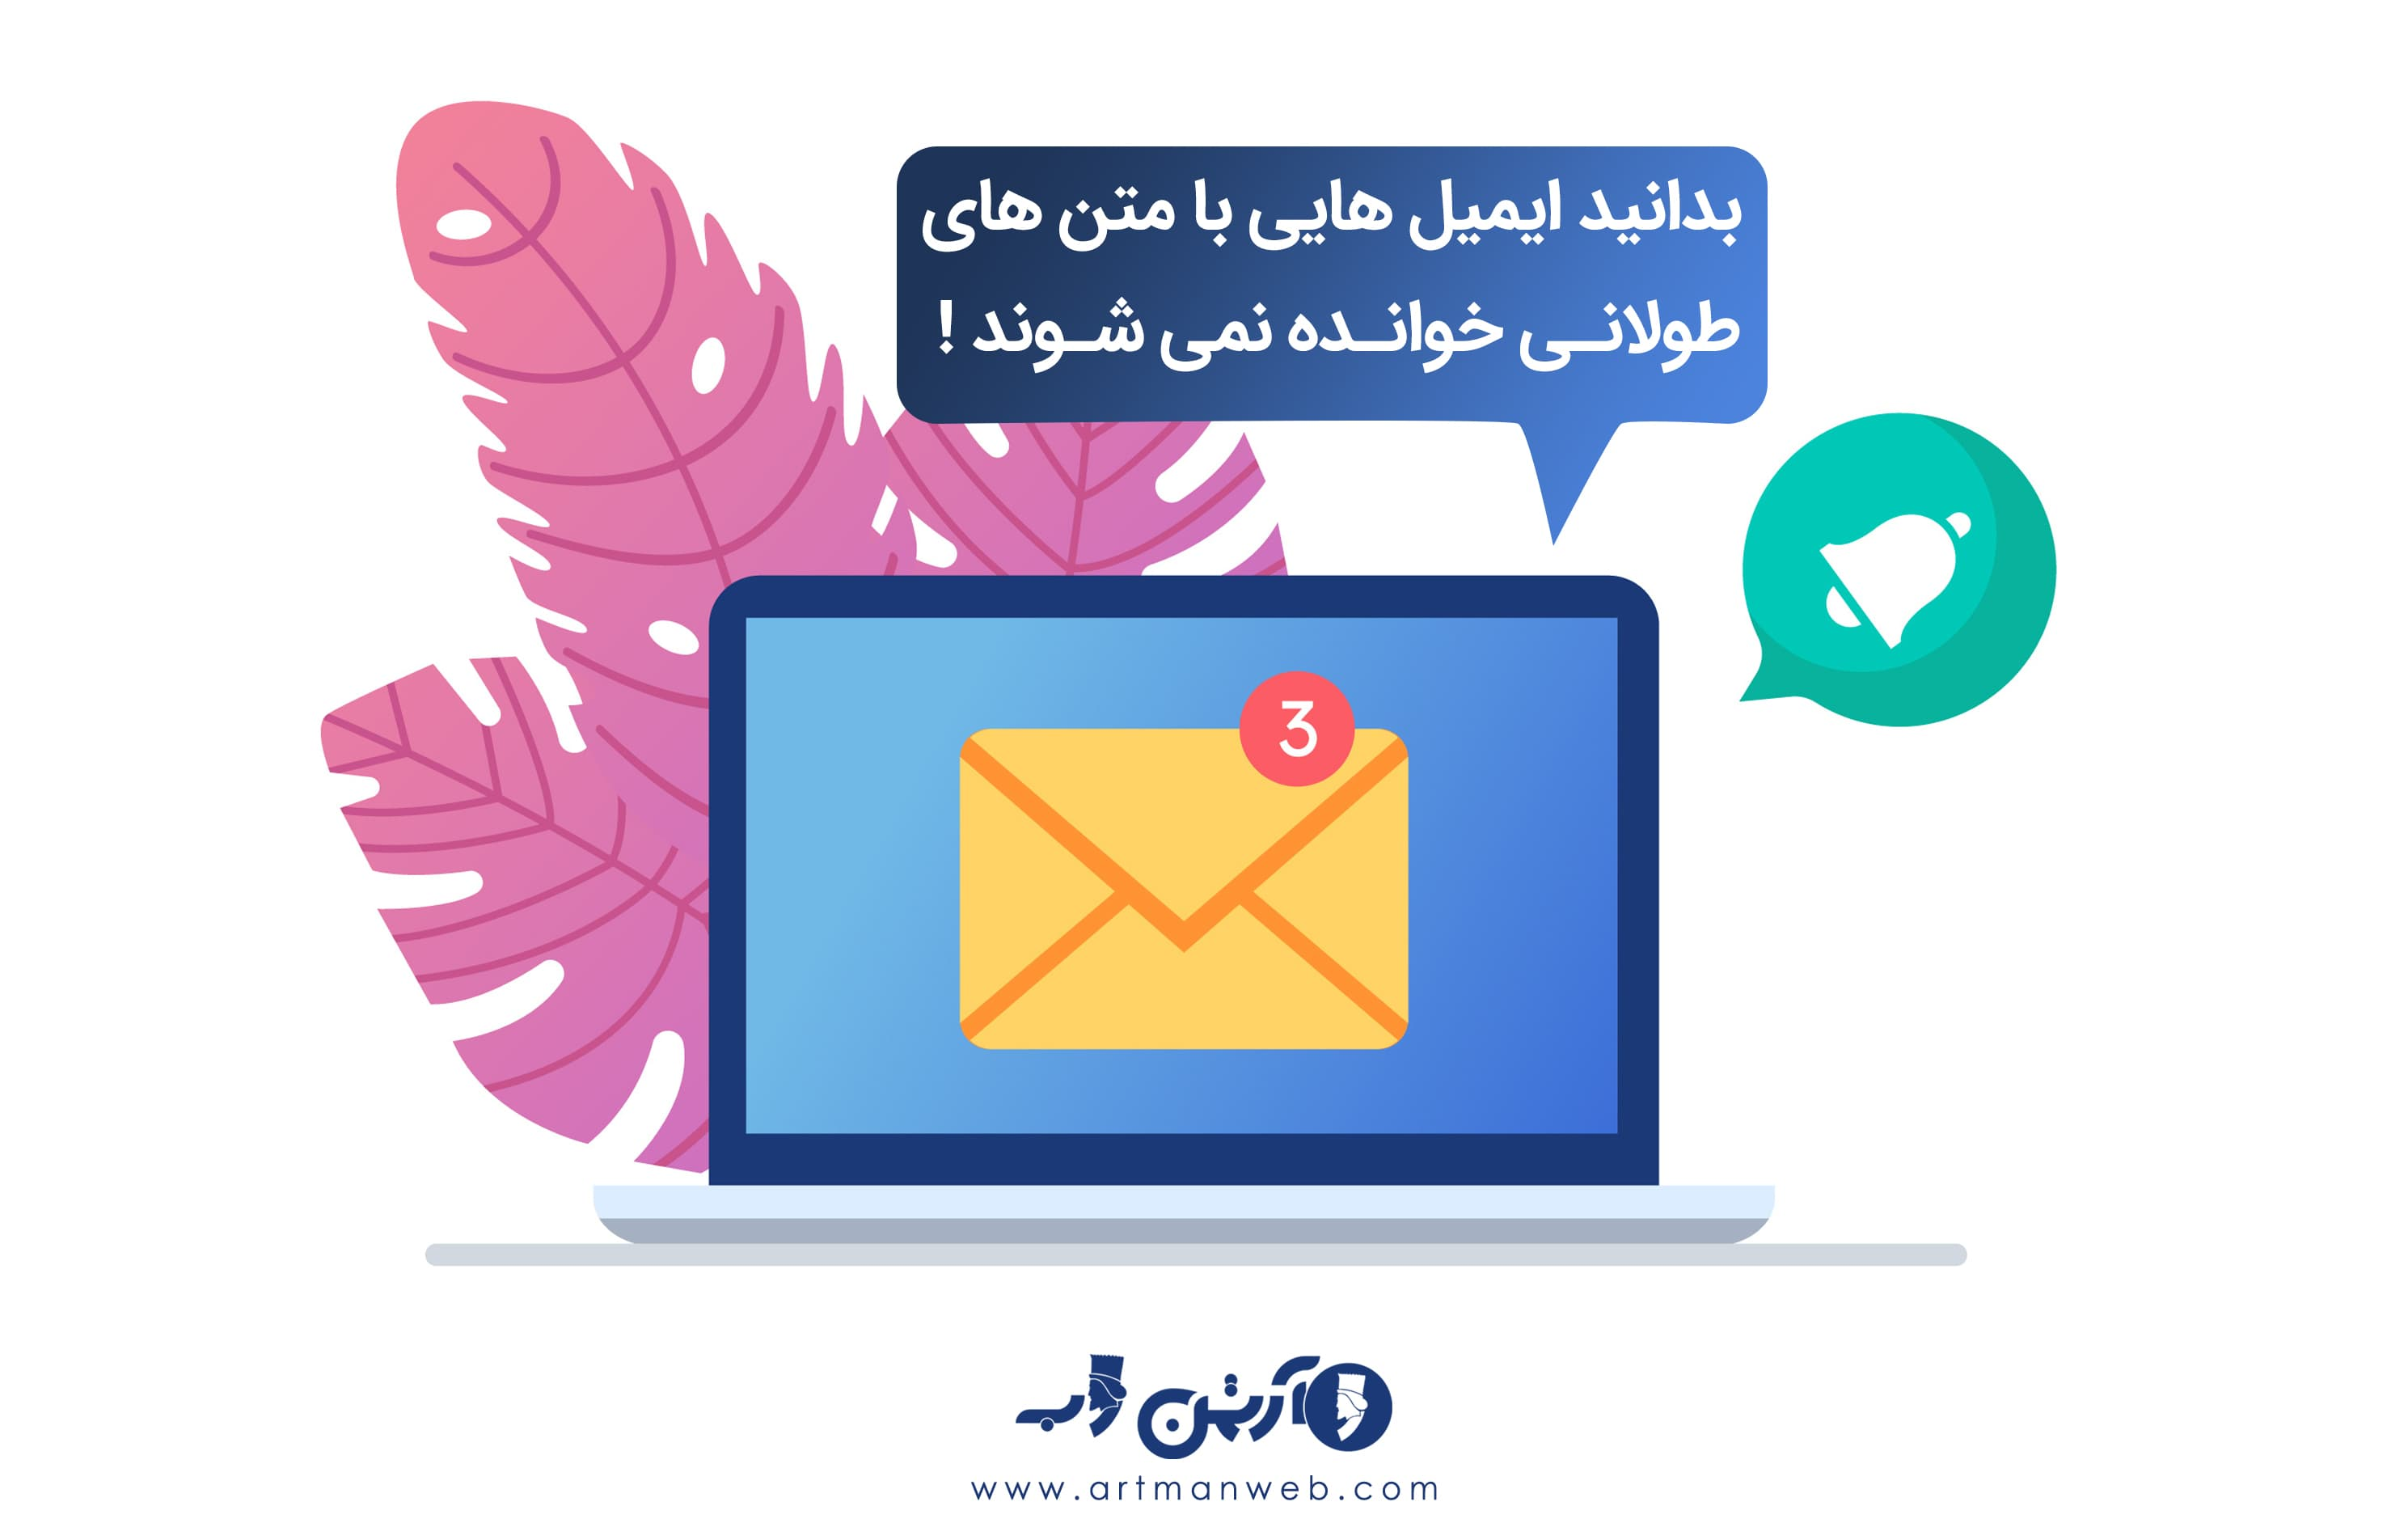 چرا در بازاریابی ایمیلی تان نتیجه مطلوبی نمی گیرید؟